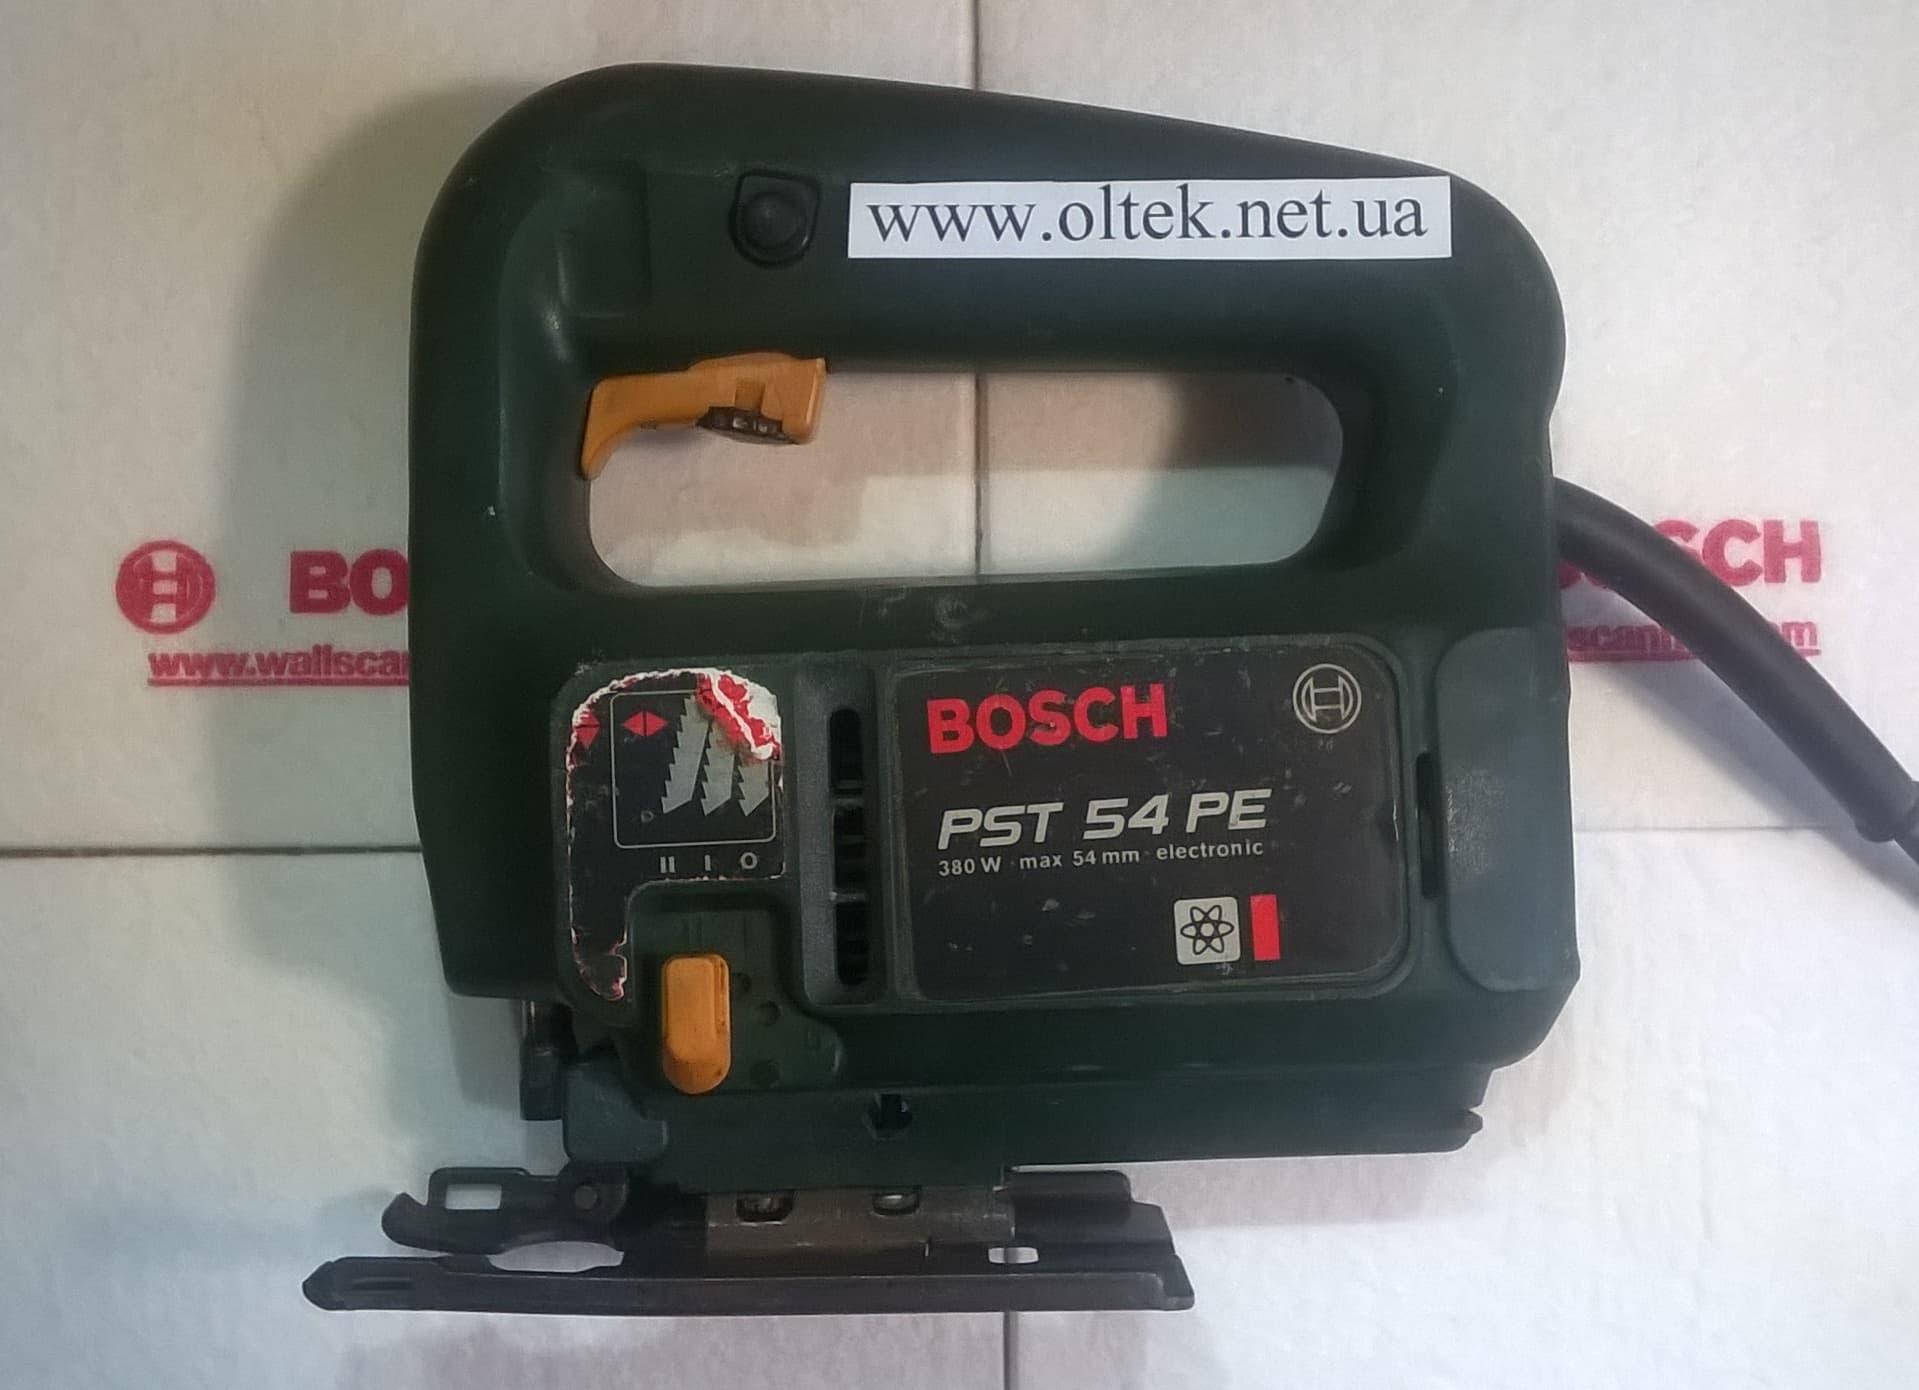 Bosch PST 54 PE